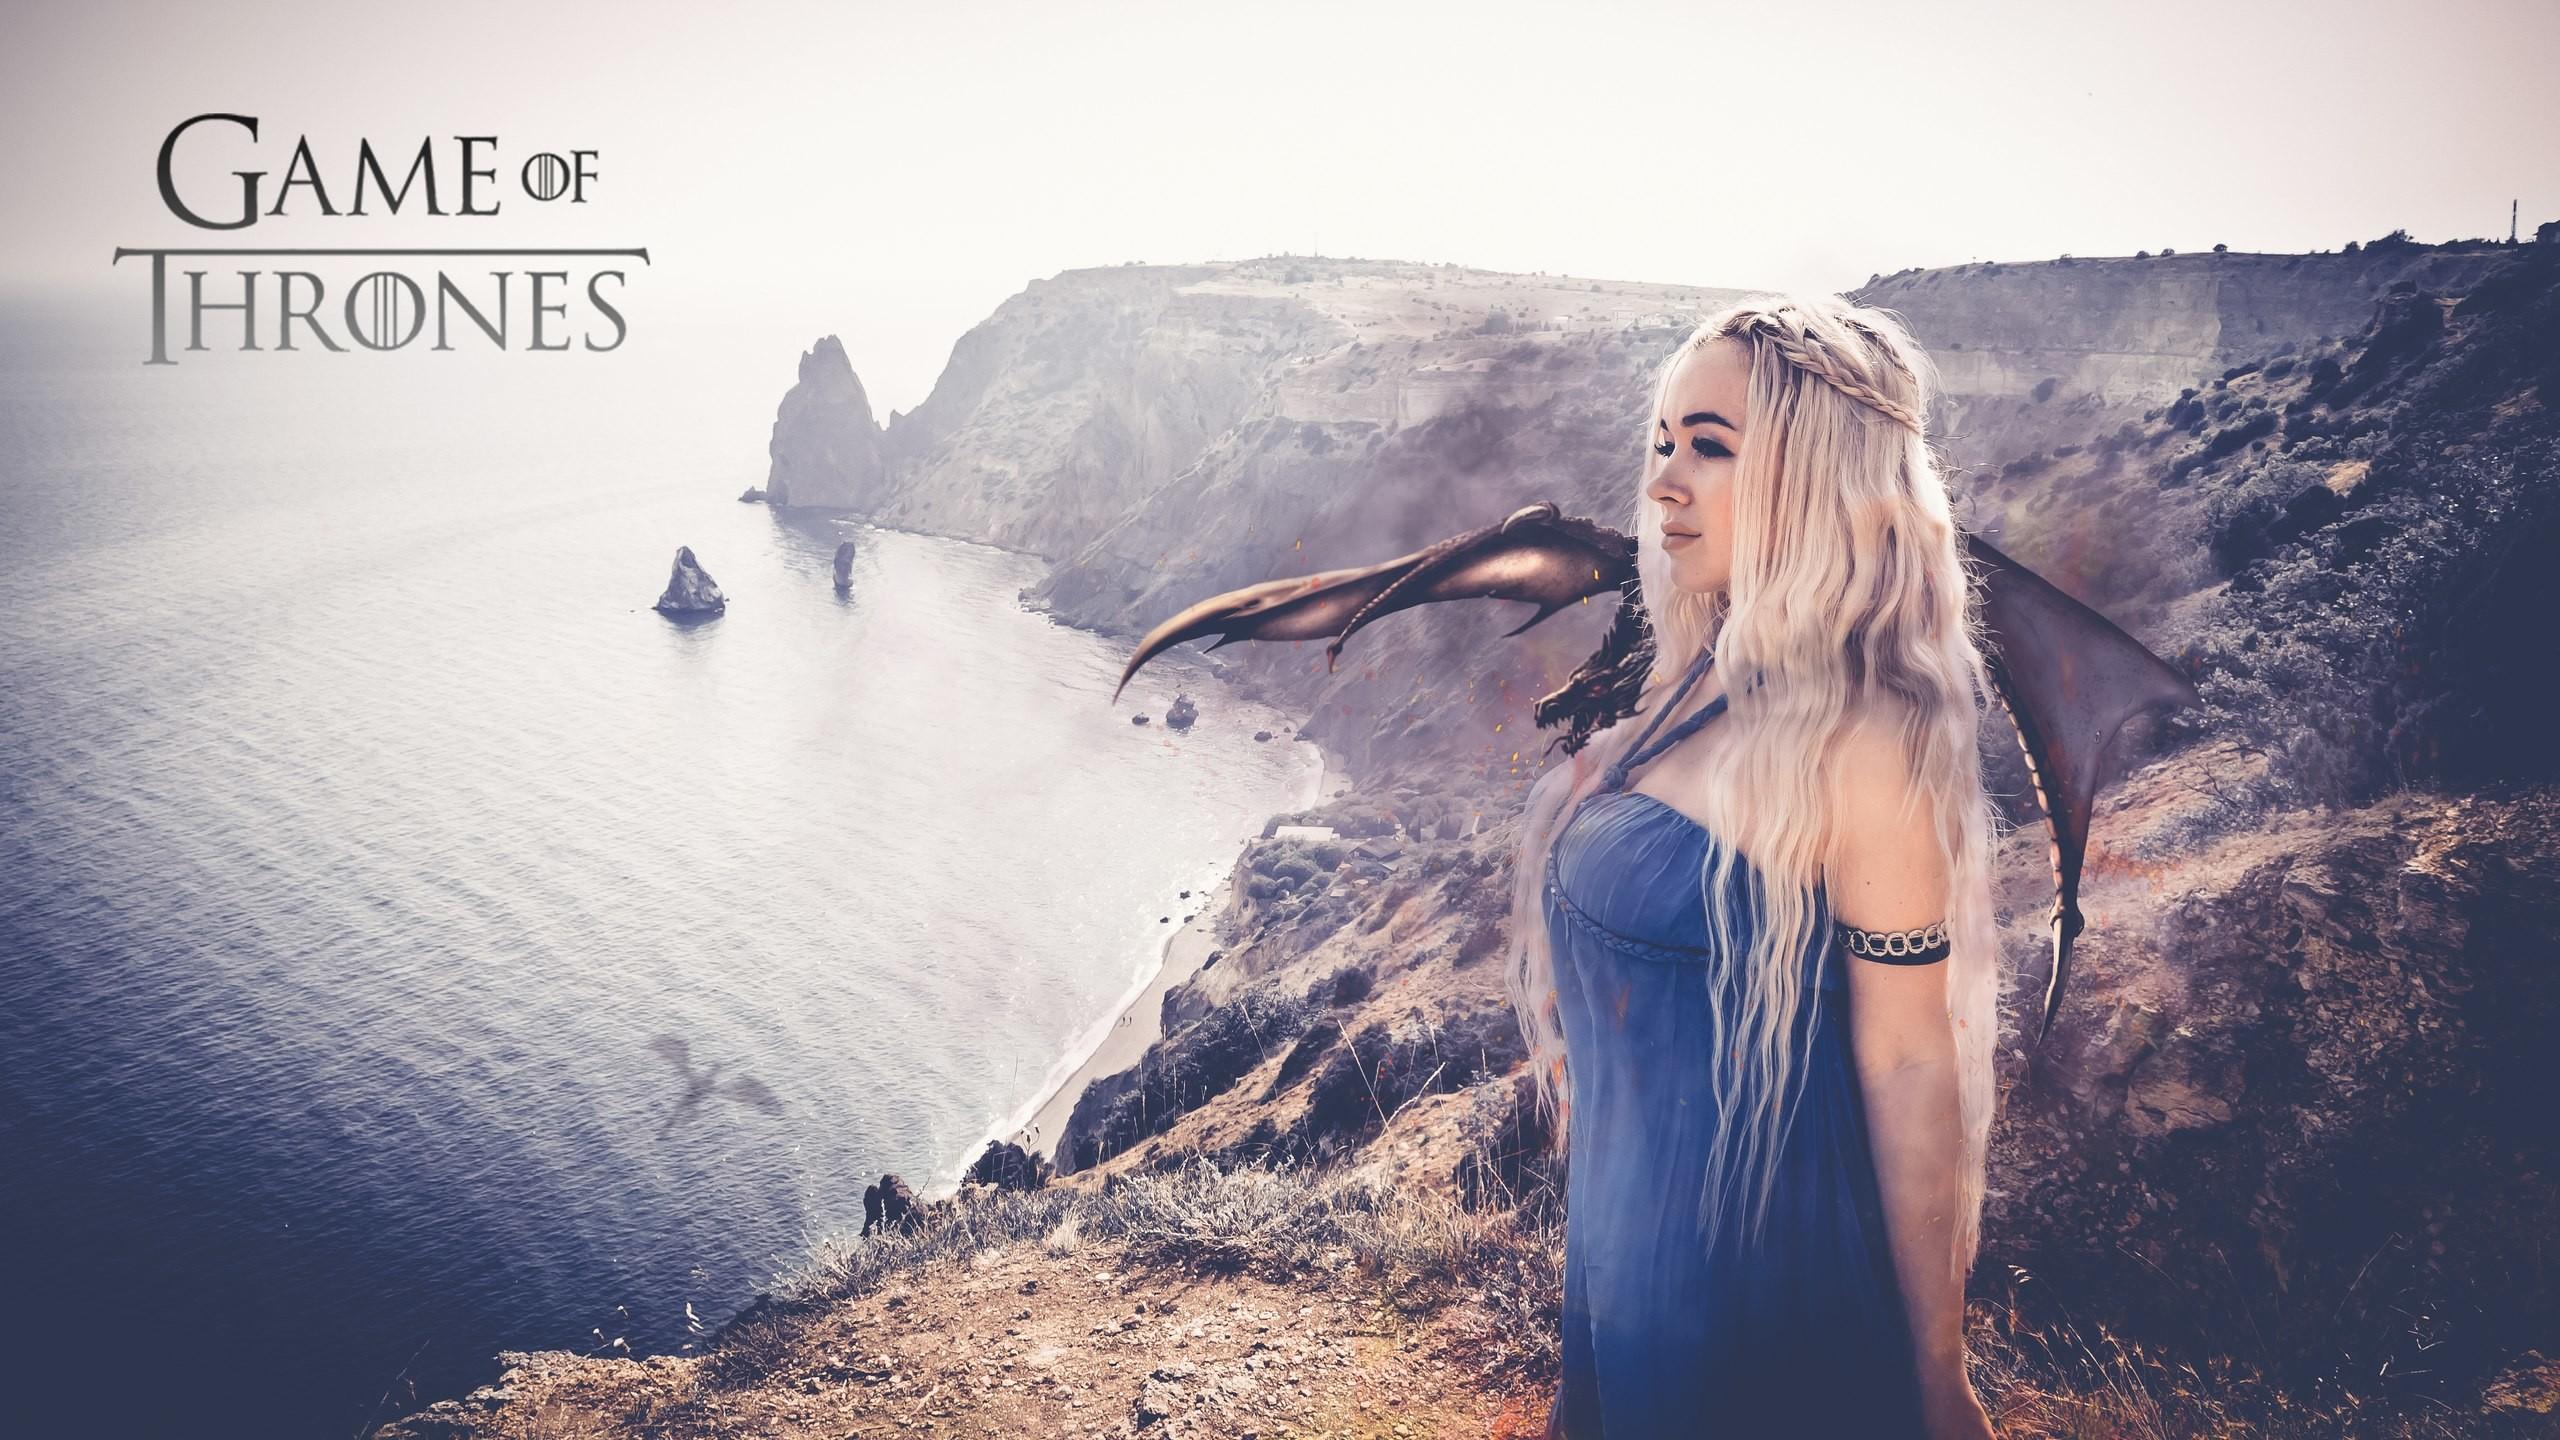 Women – Cosplay Game Of Thrones Daenerys Targaryen Wallpaper